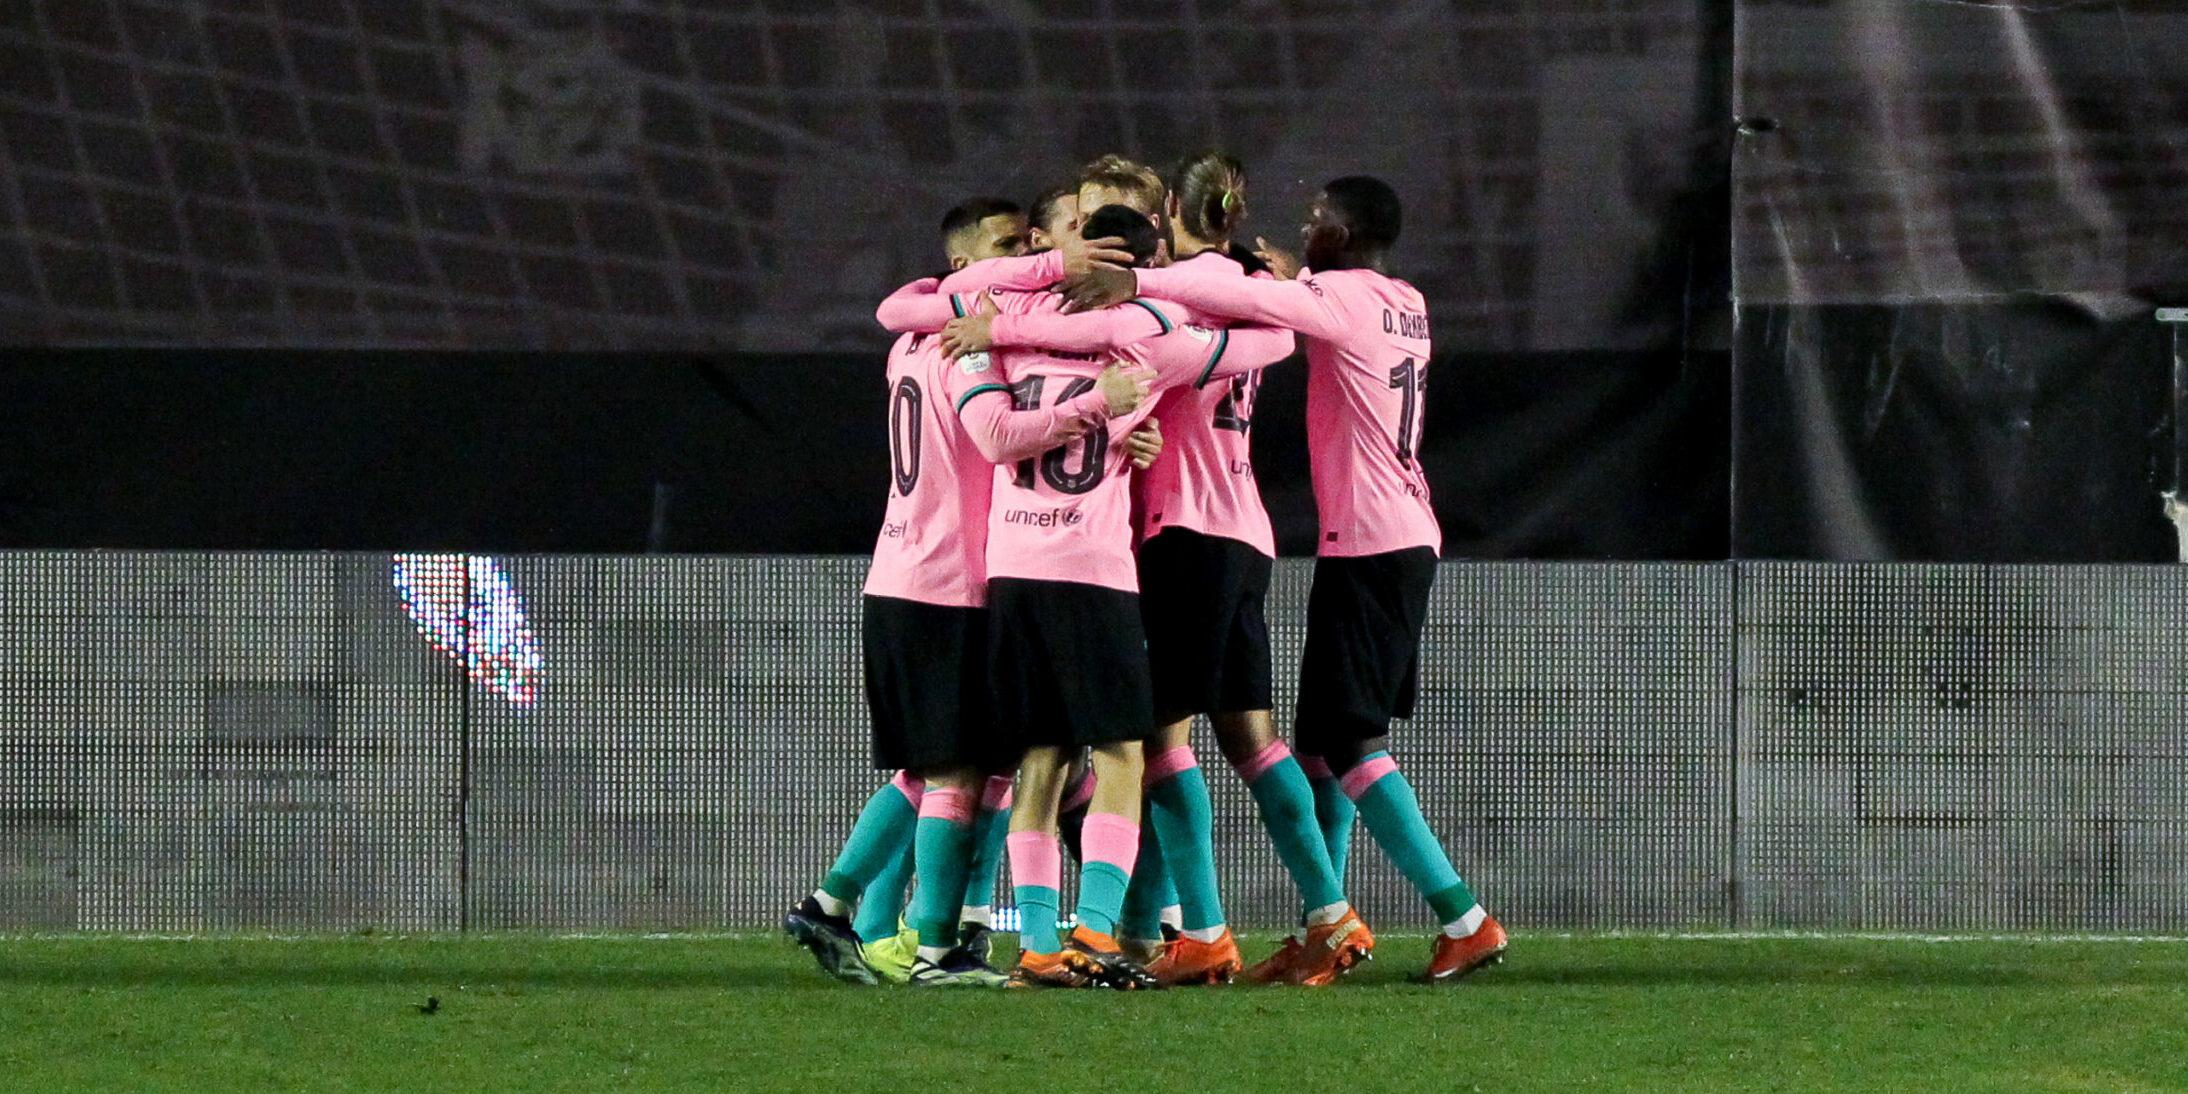 Els jugadors del Barça celebren un gol a la Copa del Rei | Europa Press